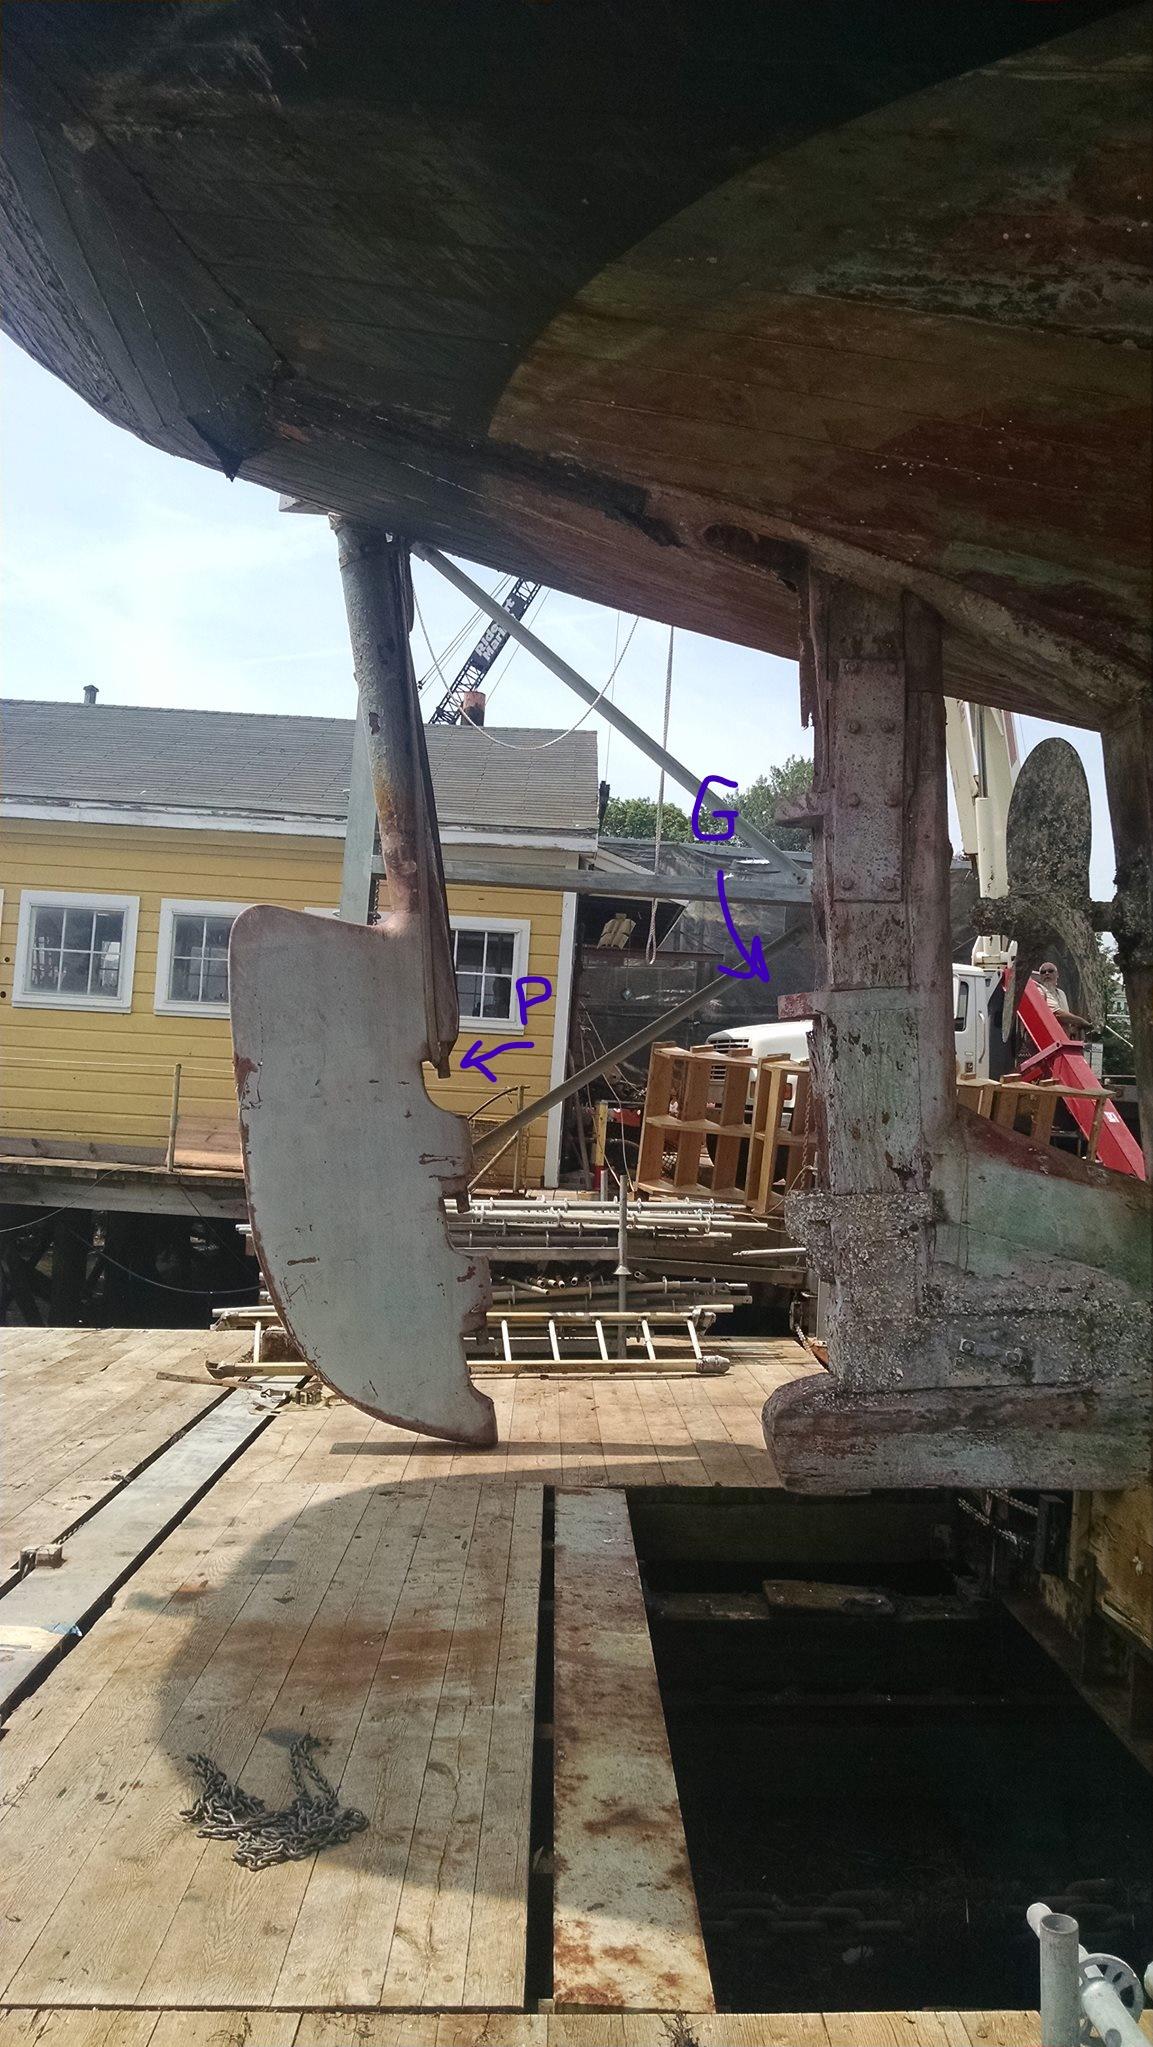 2015-07-29 Rudder off,credit Boothbay Harbor Shipyard_G&P label